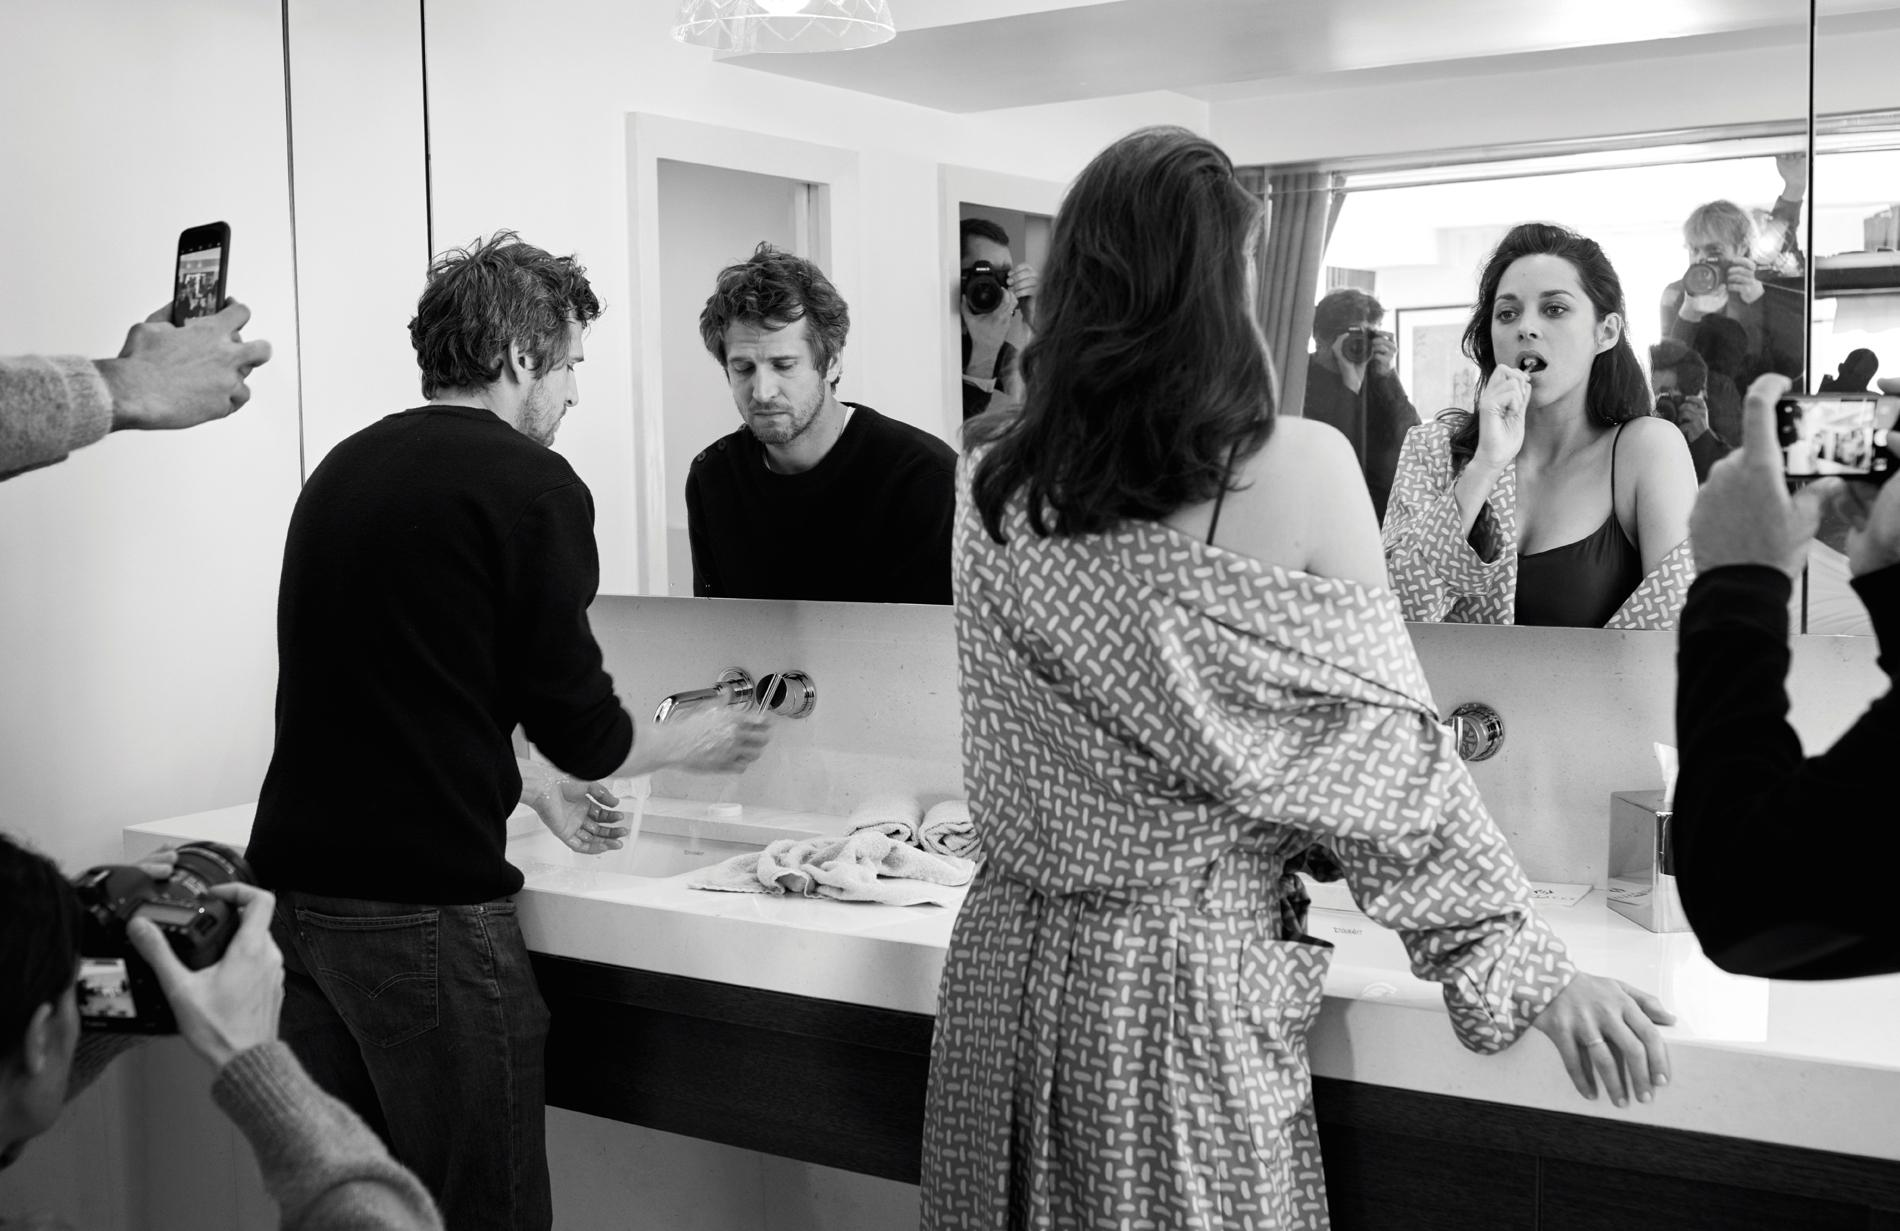 Photo Jean-Baptiste Mondino Marion Cotillard & Guillaume Canet mis en scène par Jean-Baptiste Mondino.